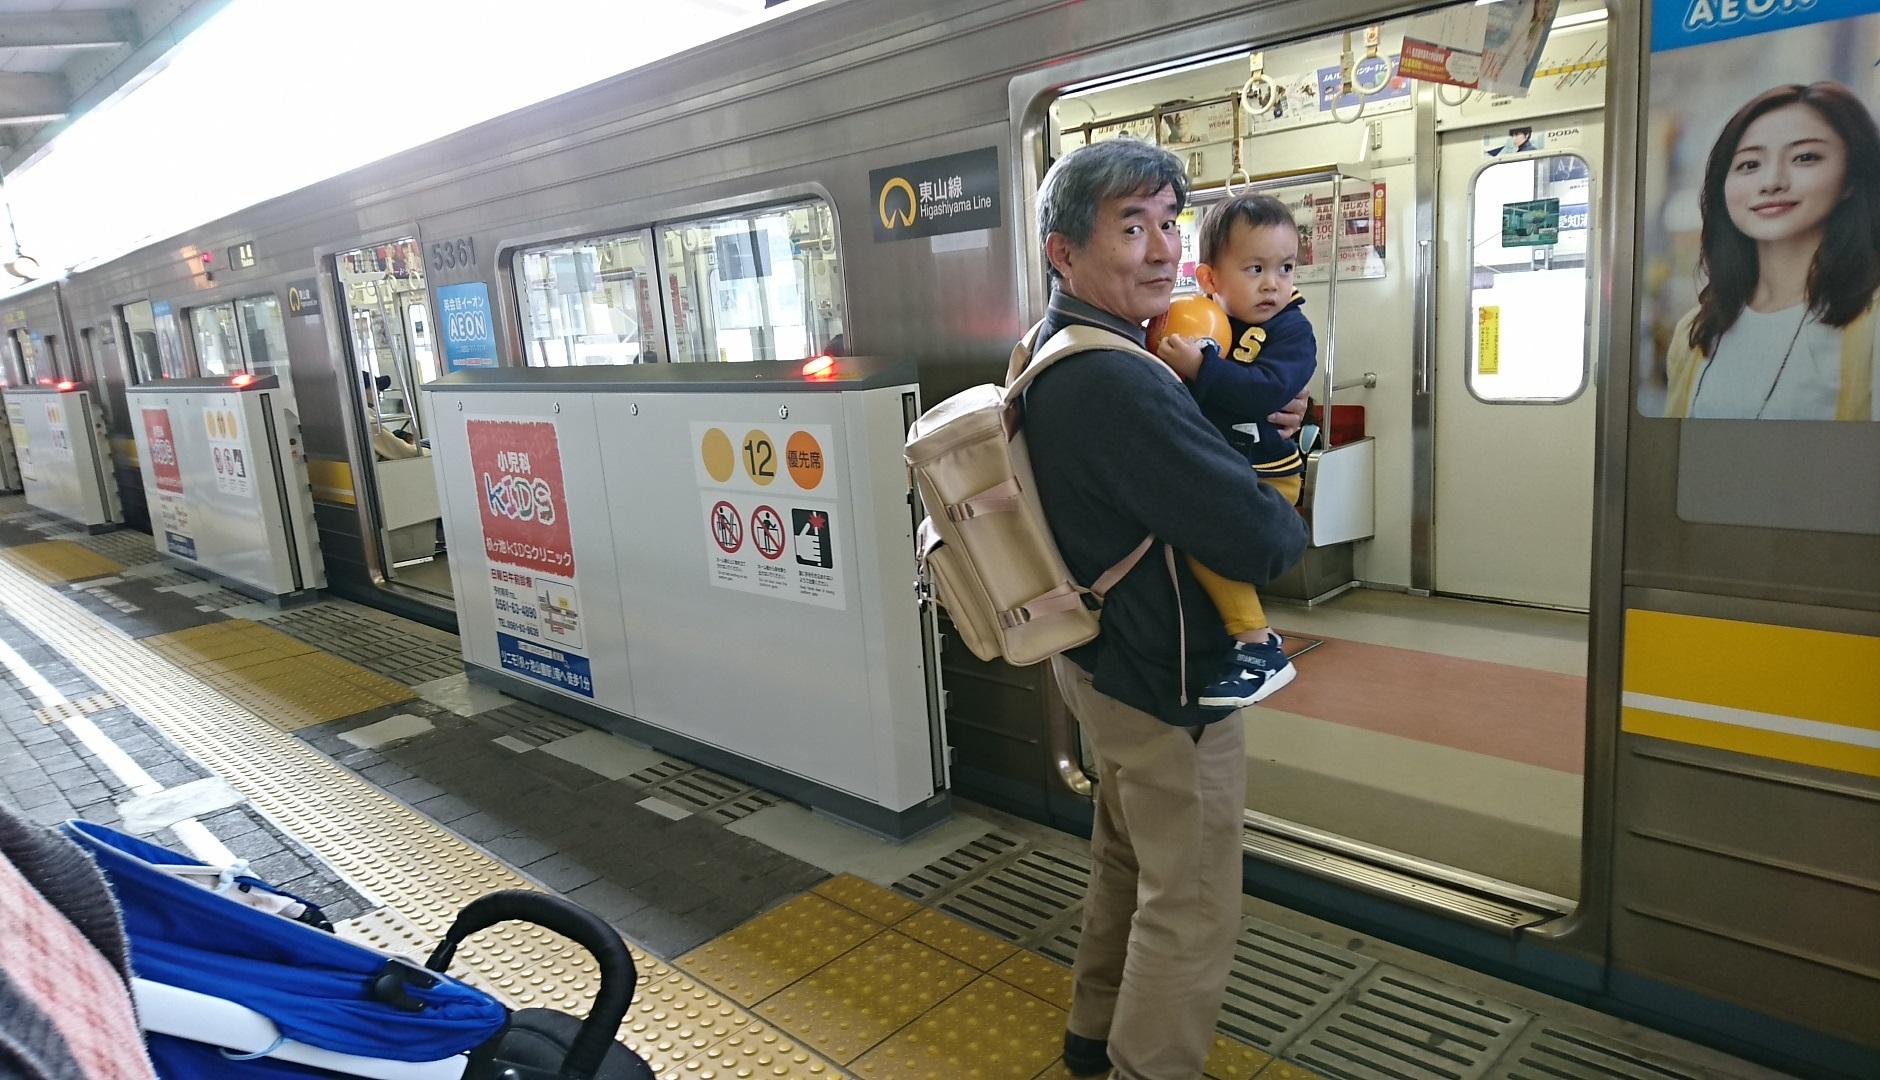 2016.11.23 聡太♪ (12) 1880-1080